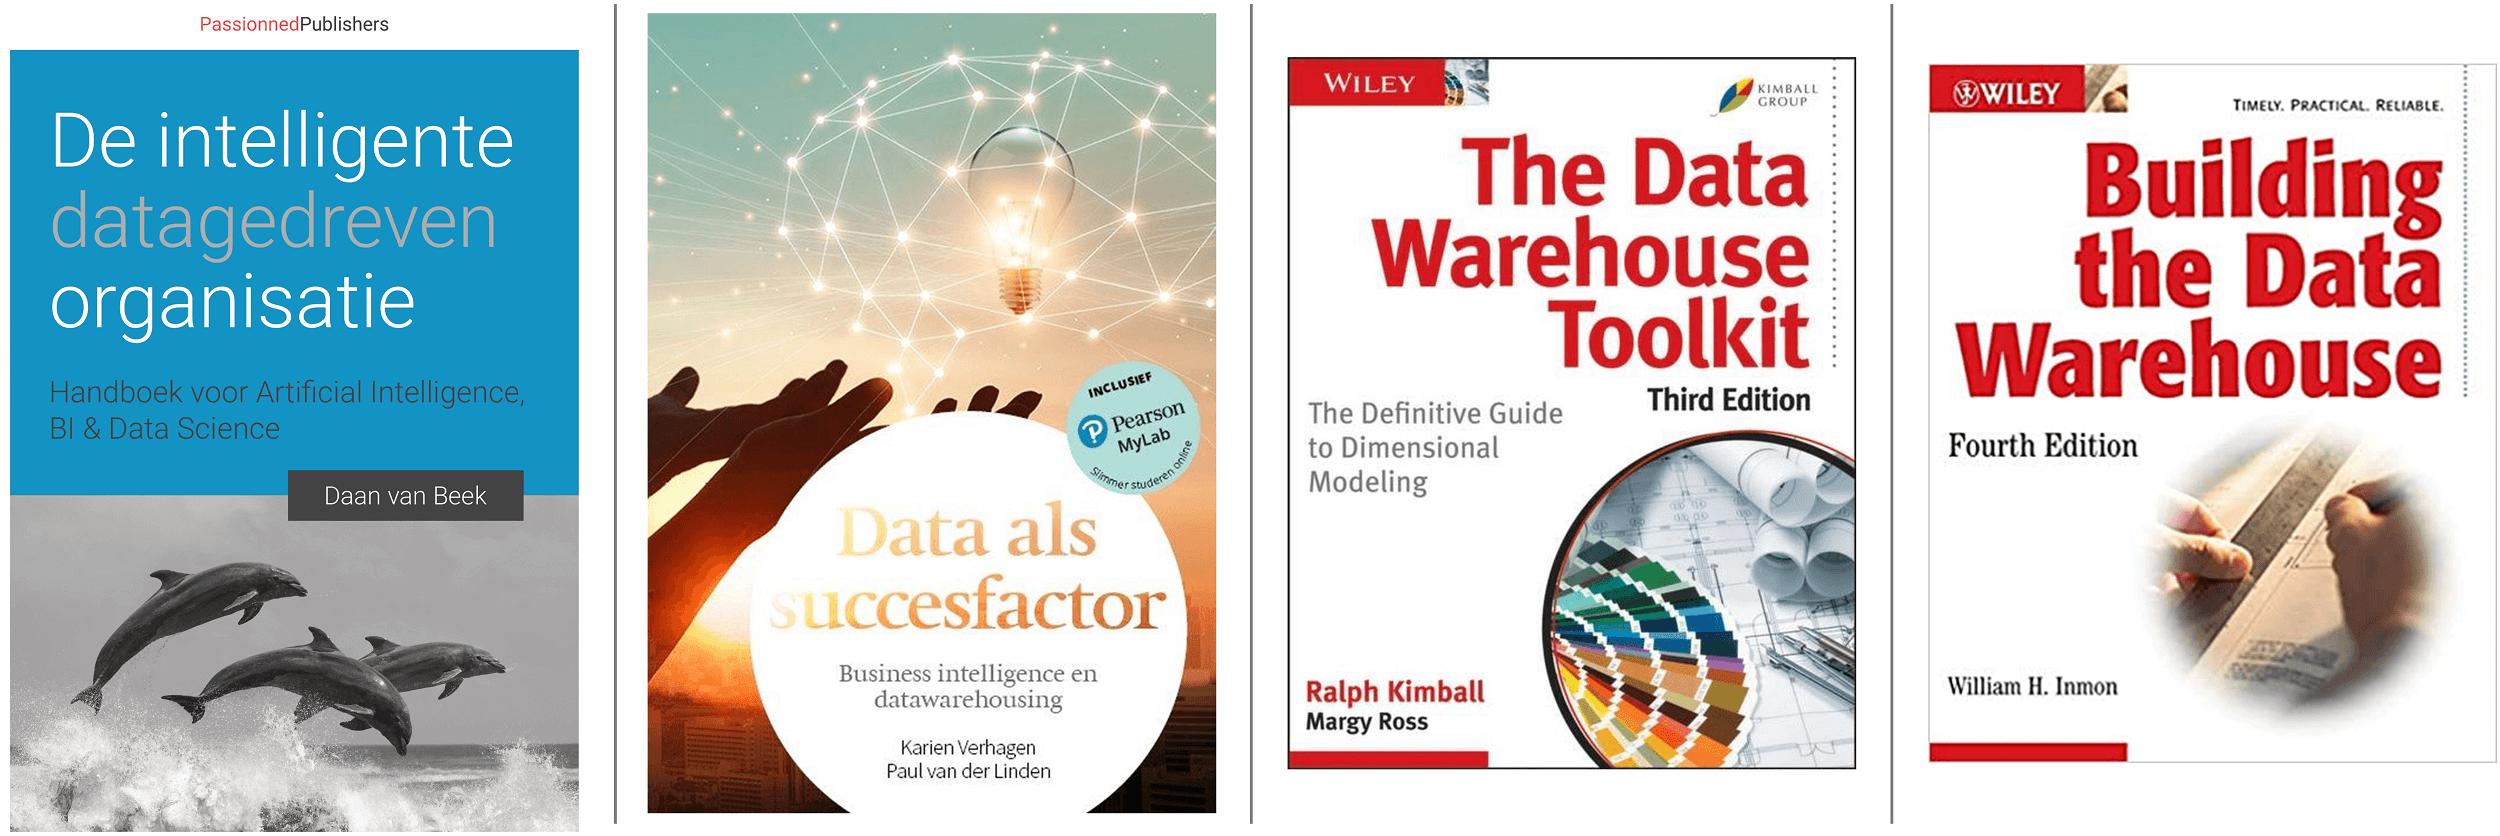 Boeken over data warehousing